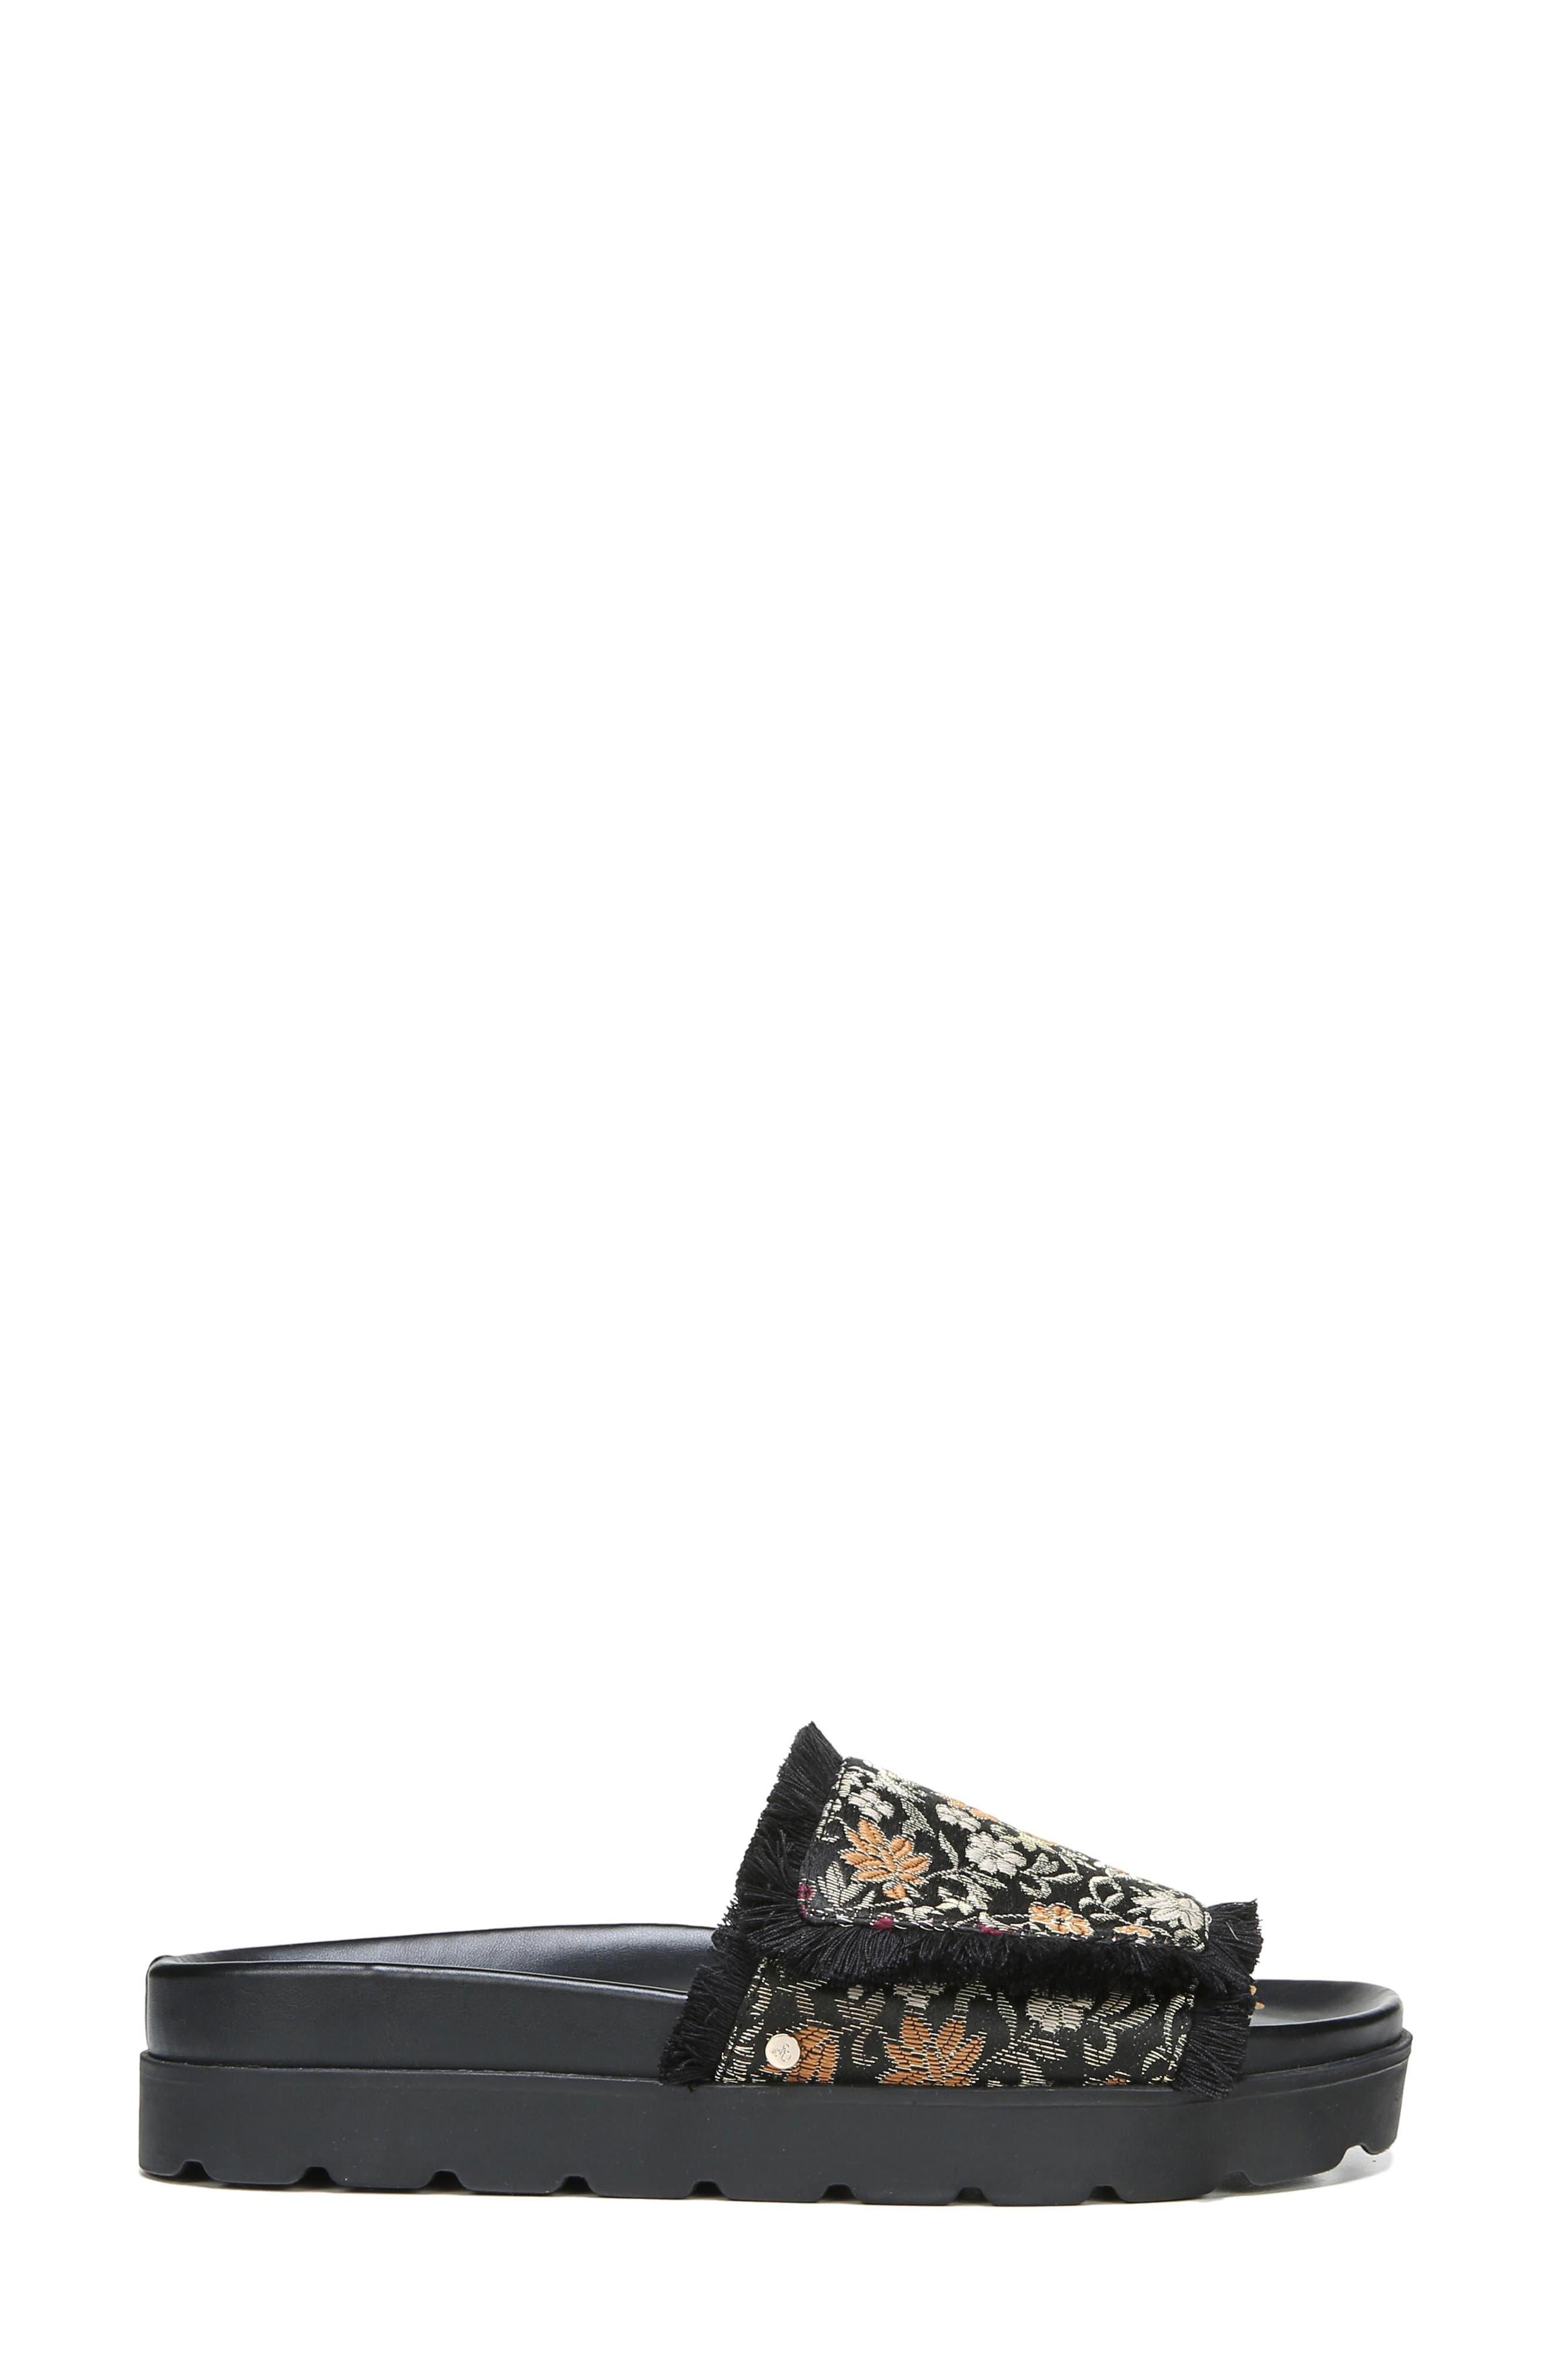 Alternate Image 3  - Sam Edelman Mares Slide Sandal (Women)